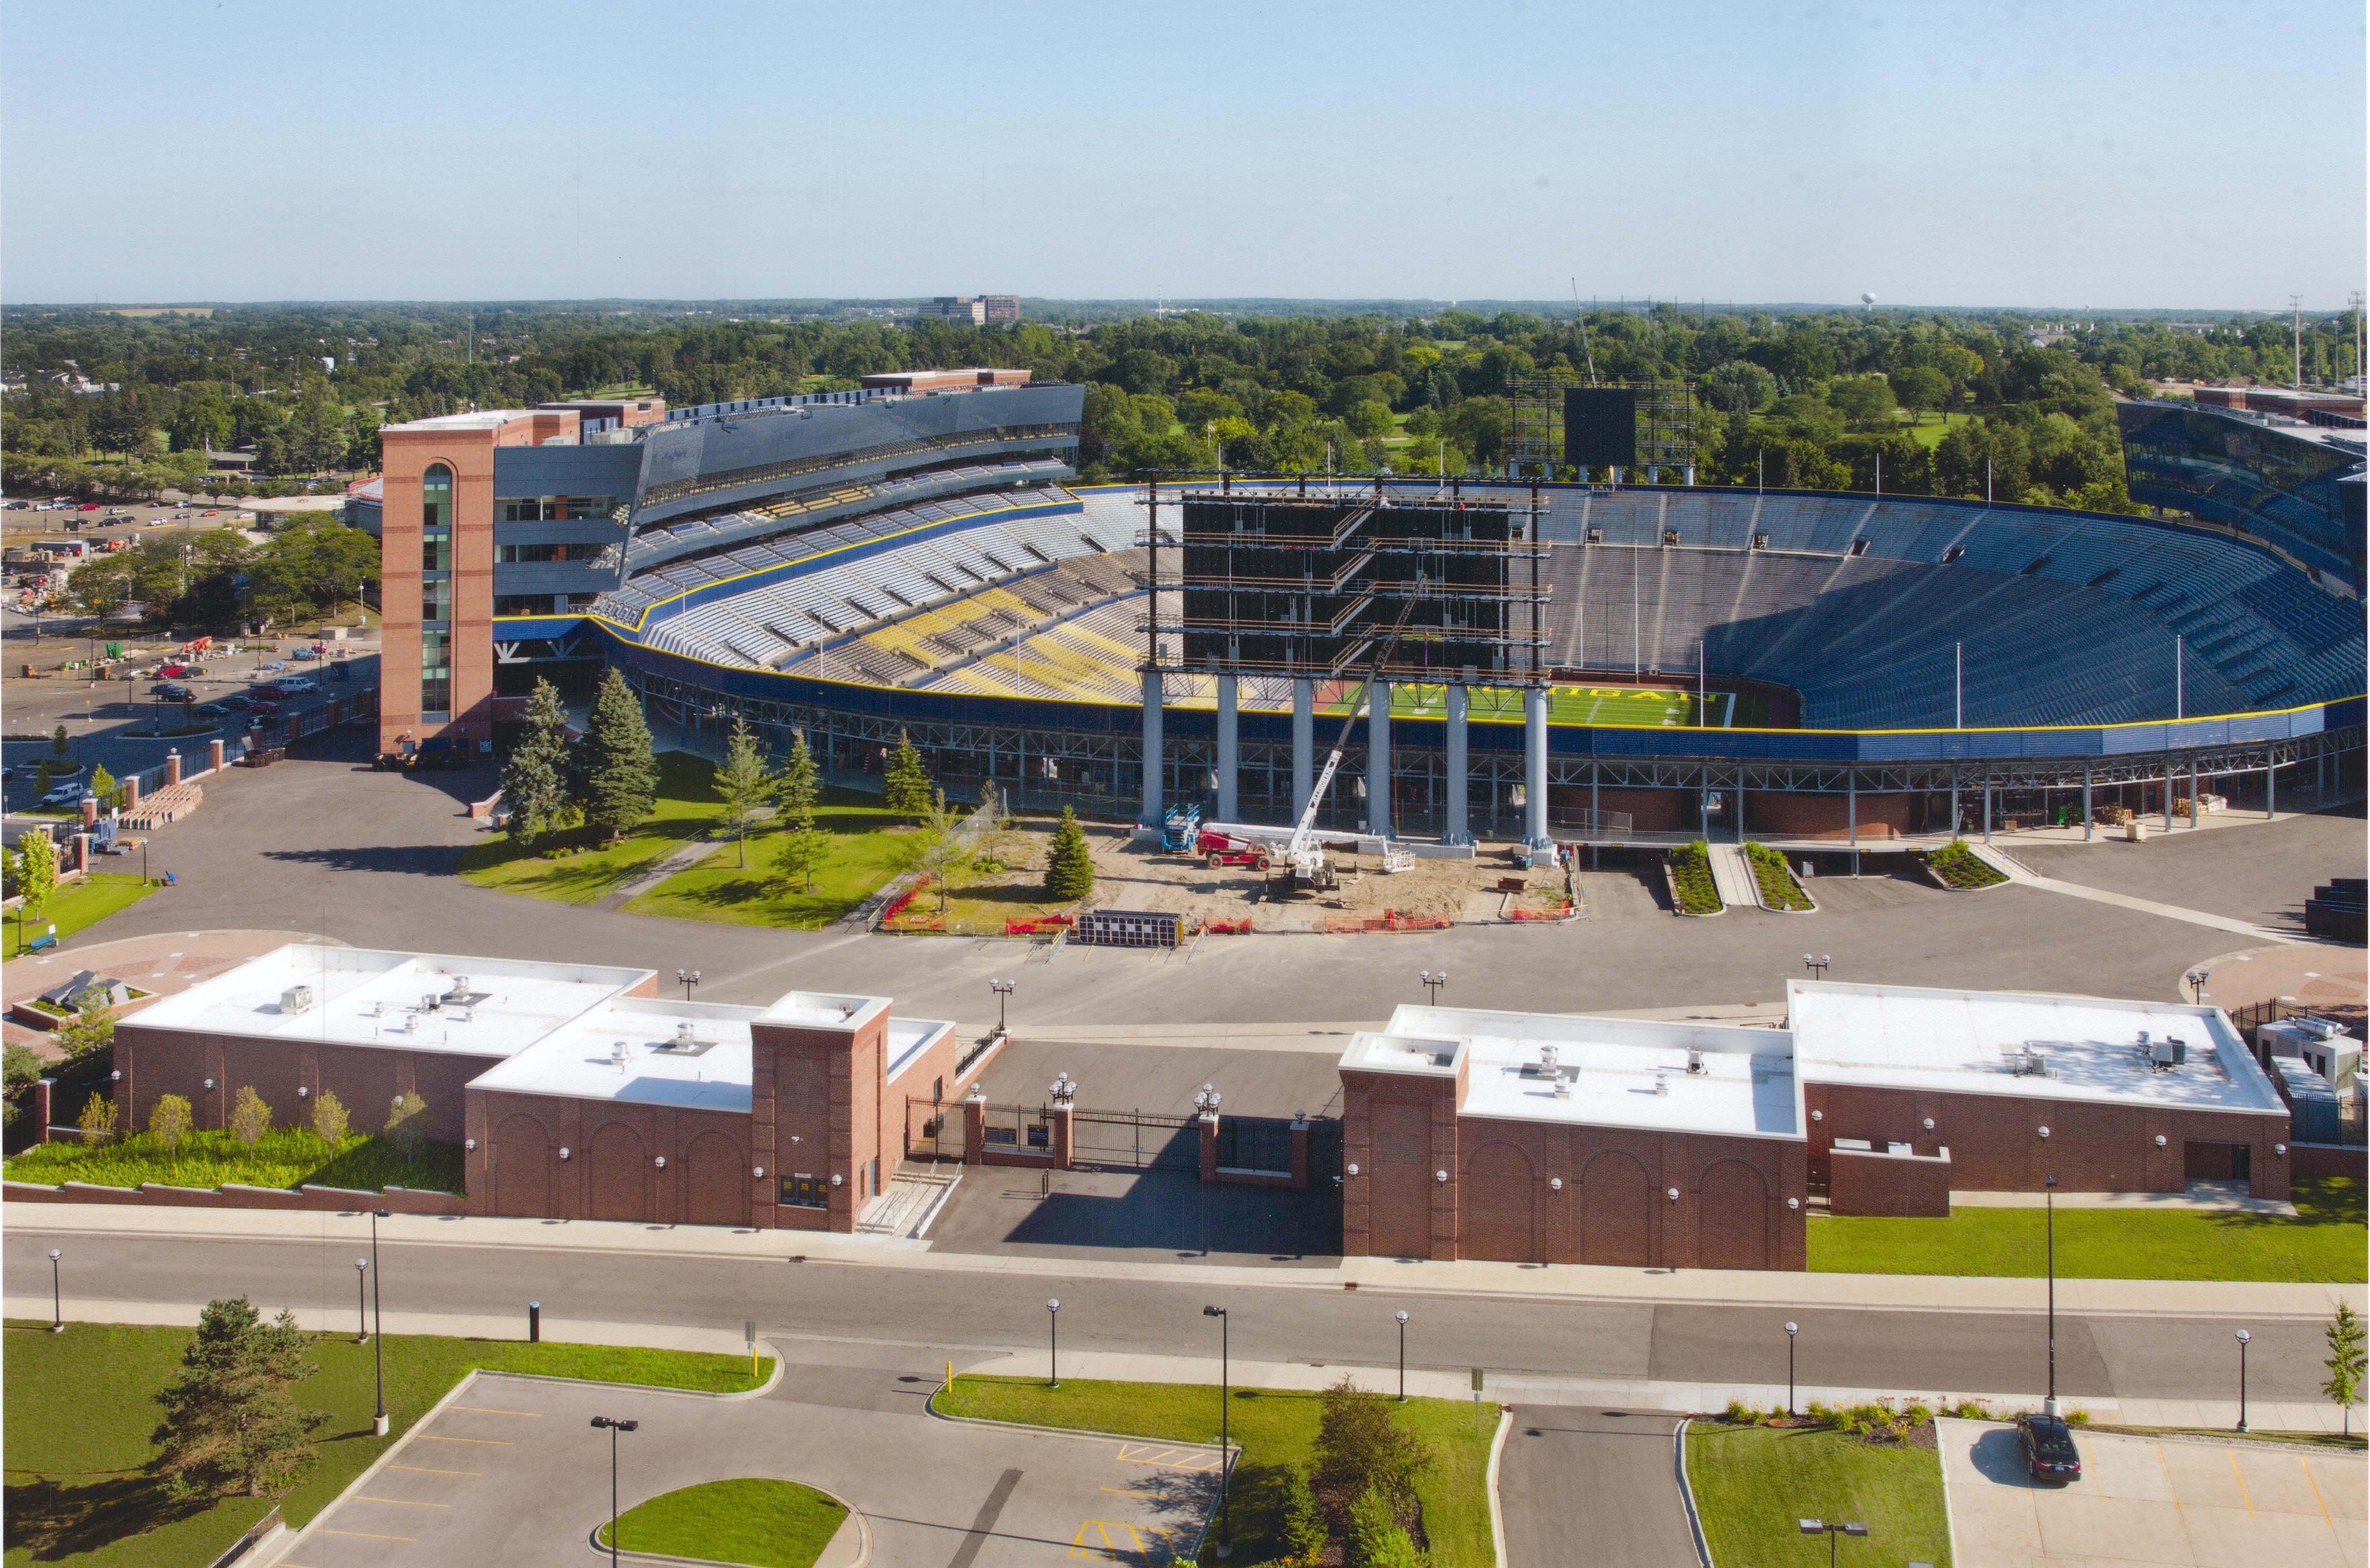 U of M Stadium